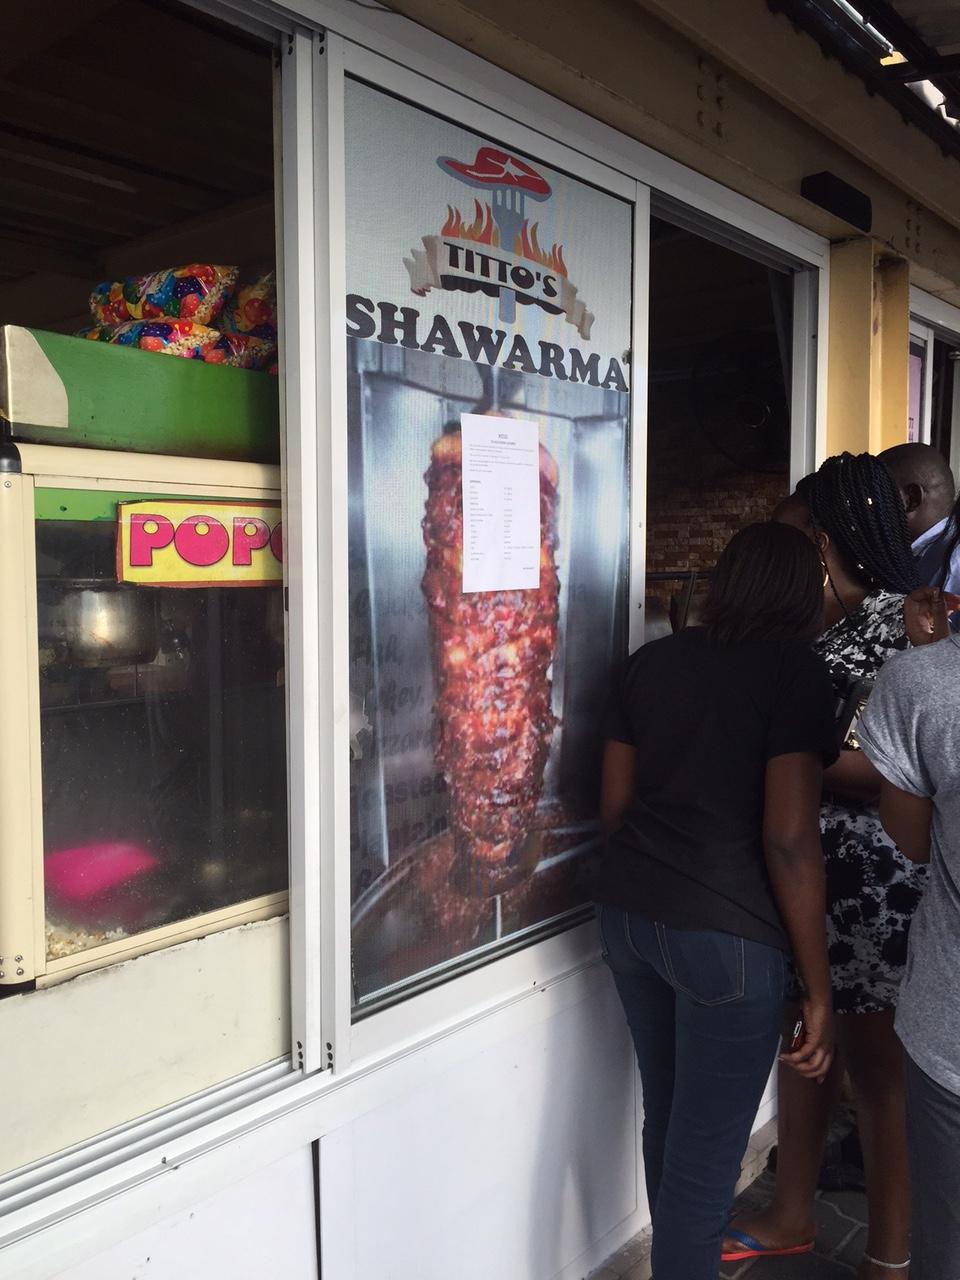 Titto's Shawarma